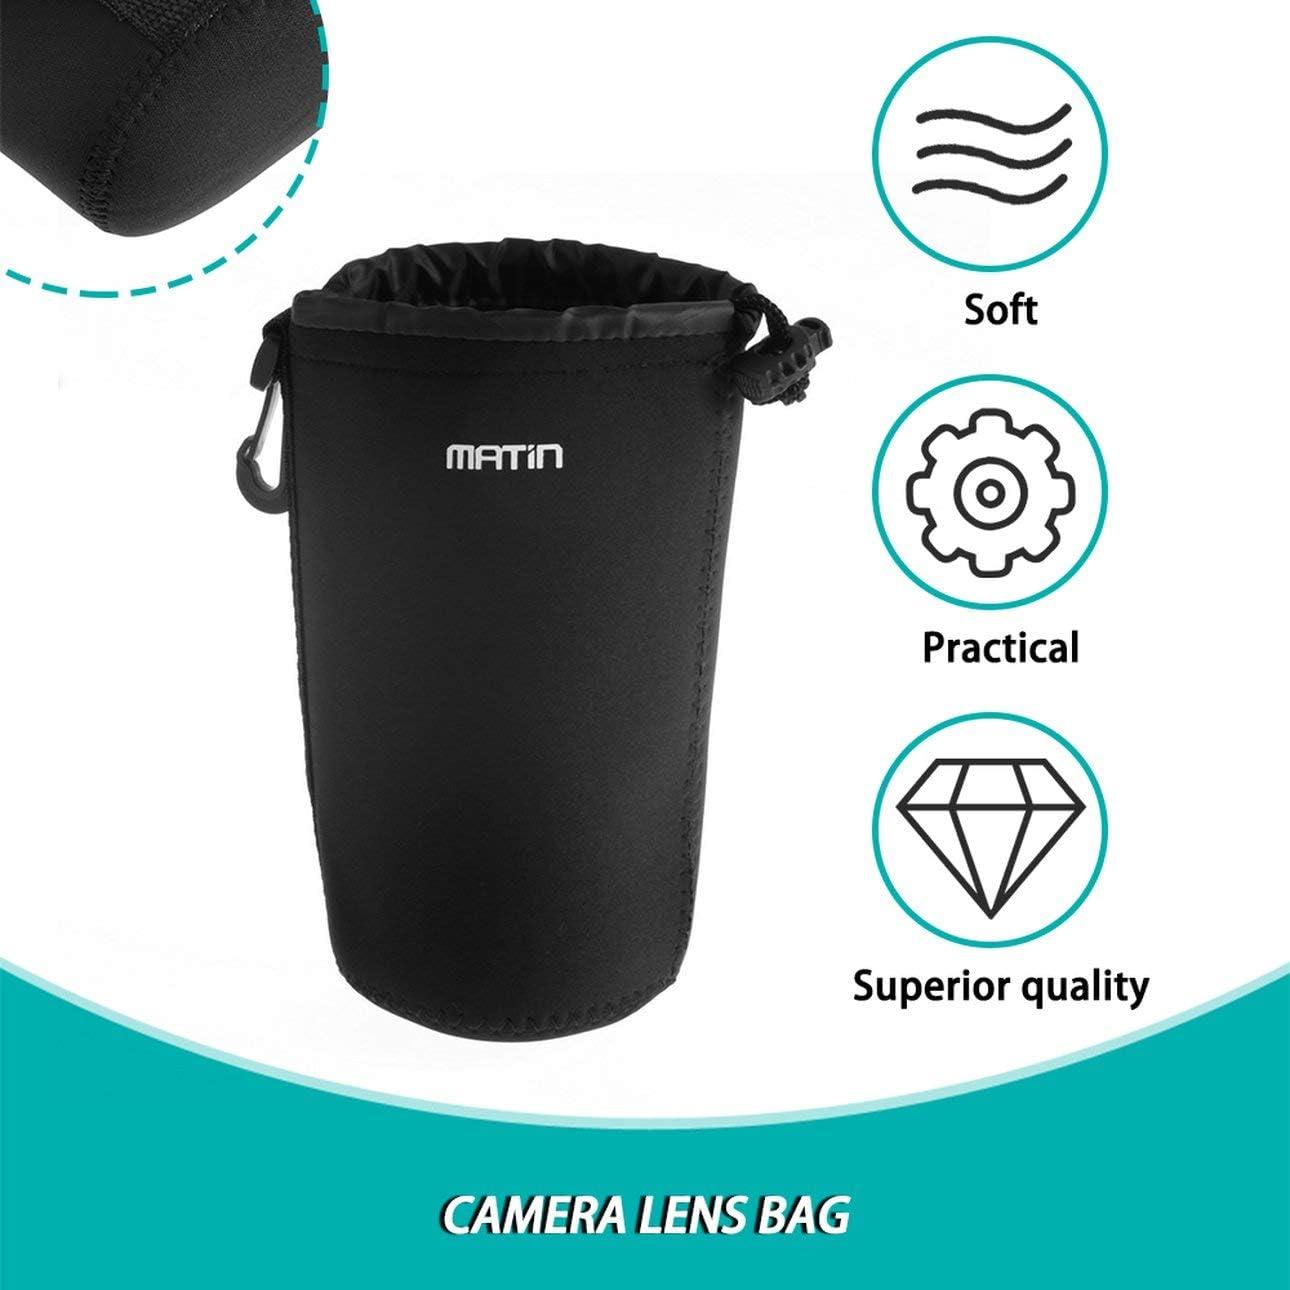 Deniseonfr Sac Souple pour Objectif de cam/éra /étui de Protection de 3 mm d/épaisseur Accessoires de lentille de cam/éra en n/éopr/ène r/ésistant /à leau